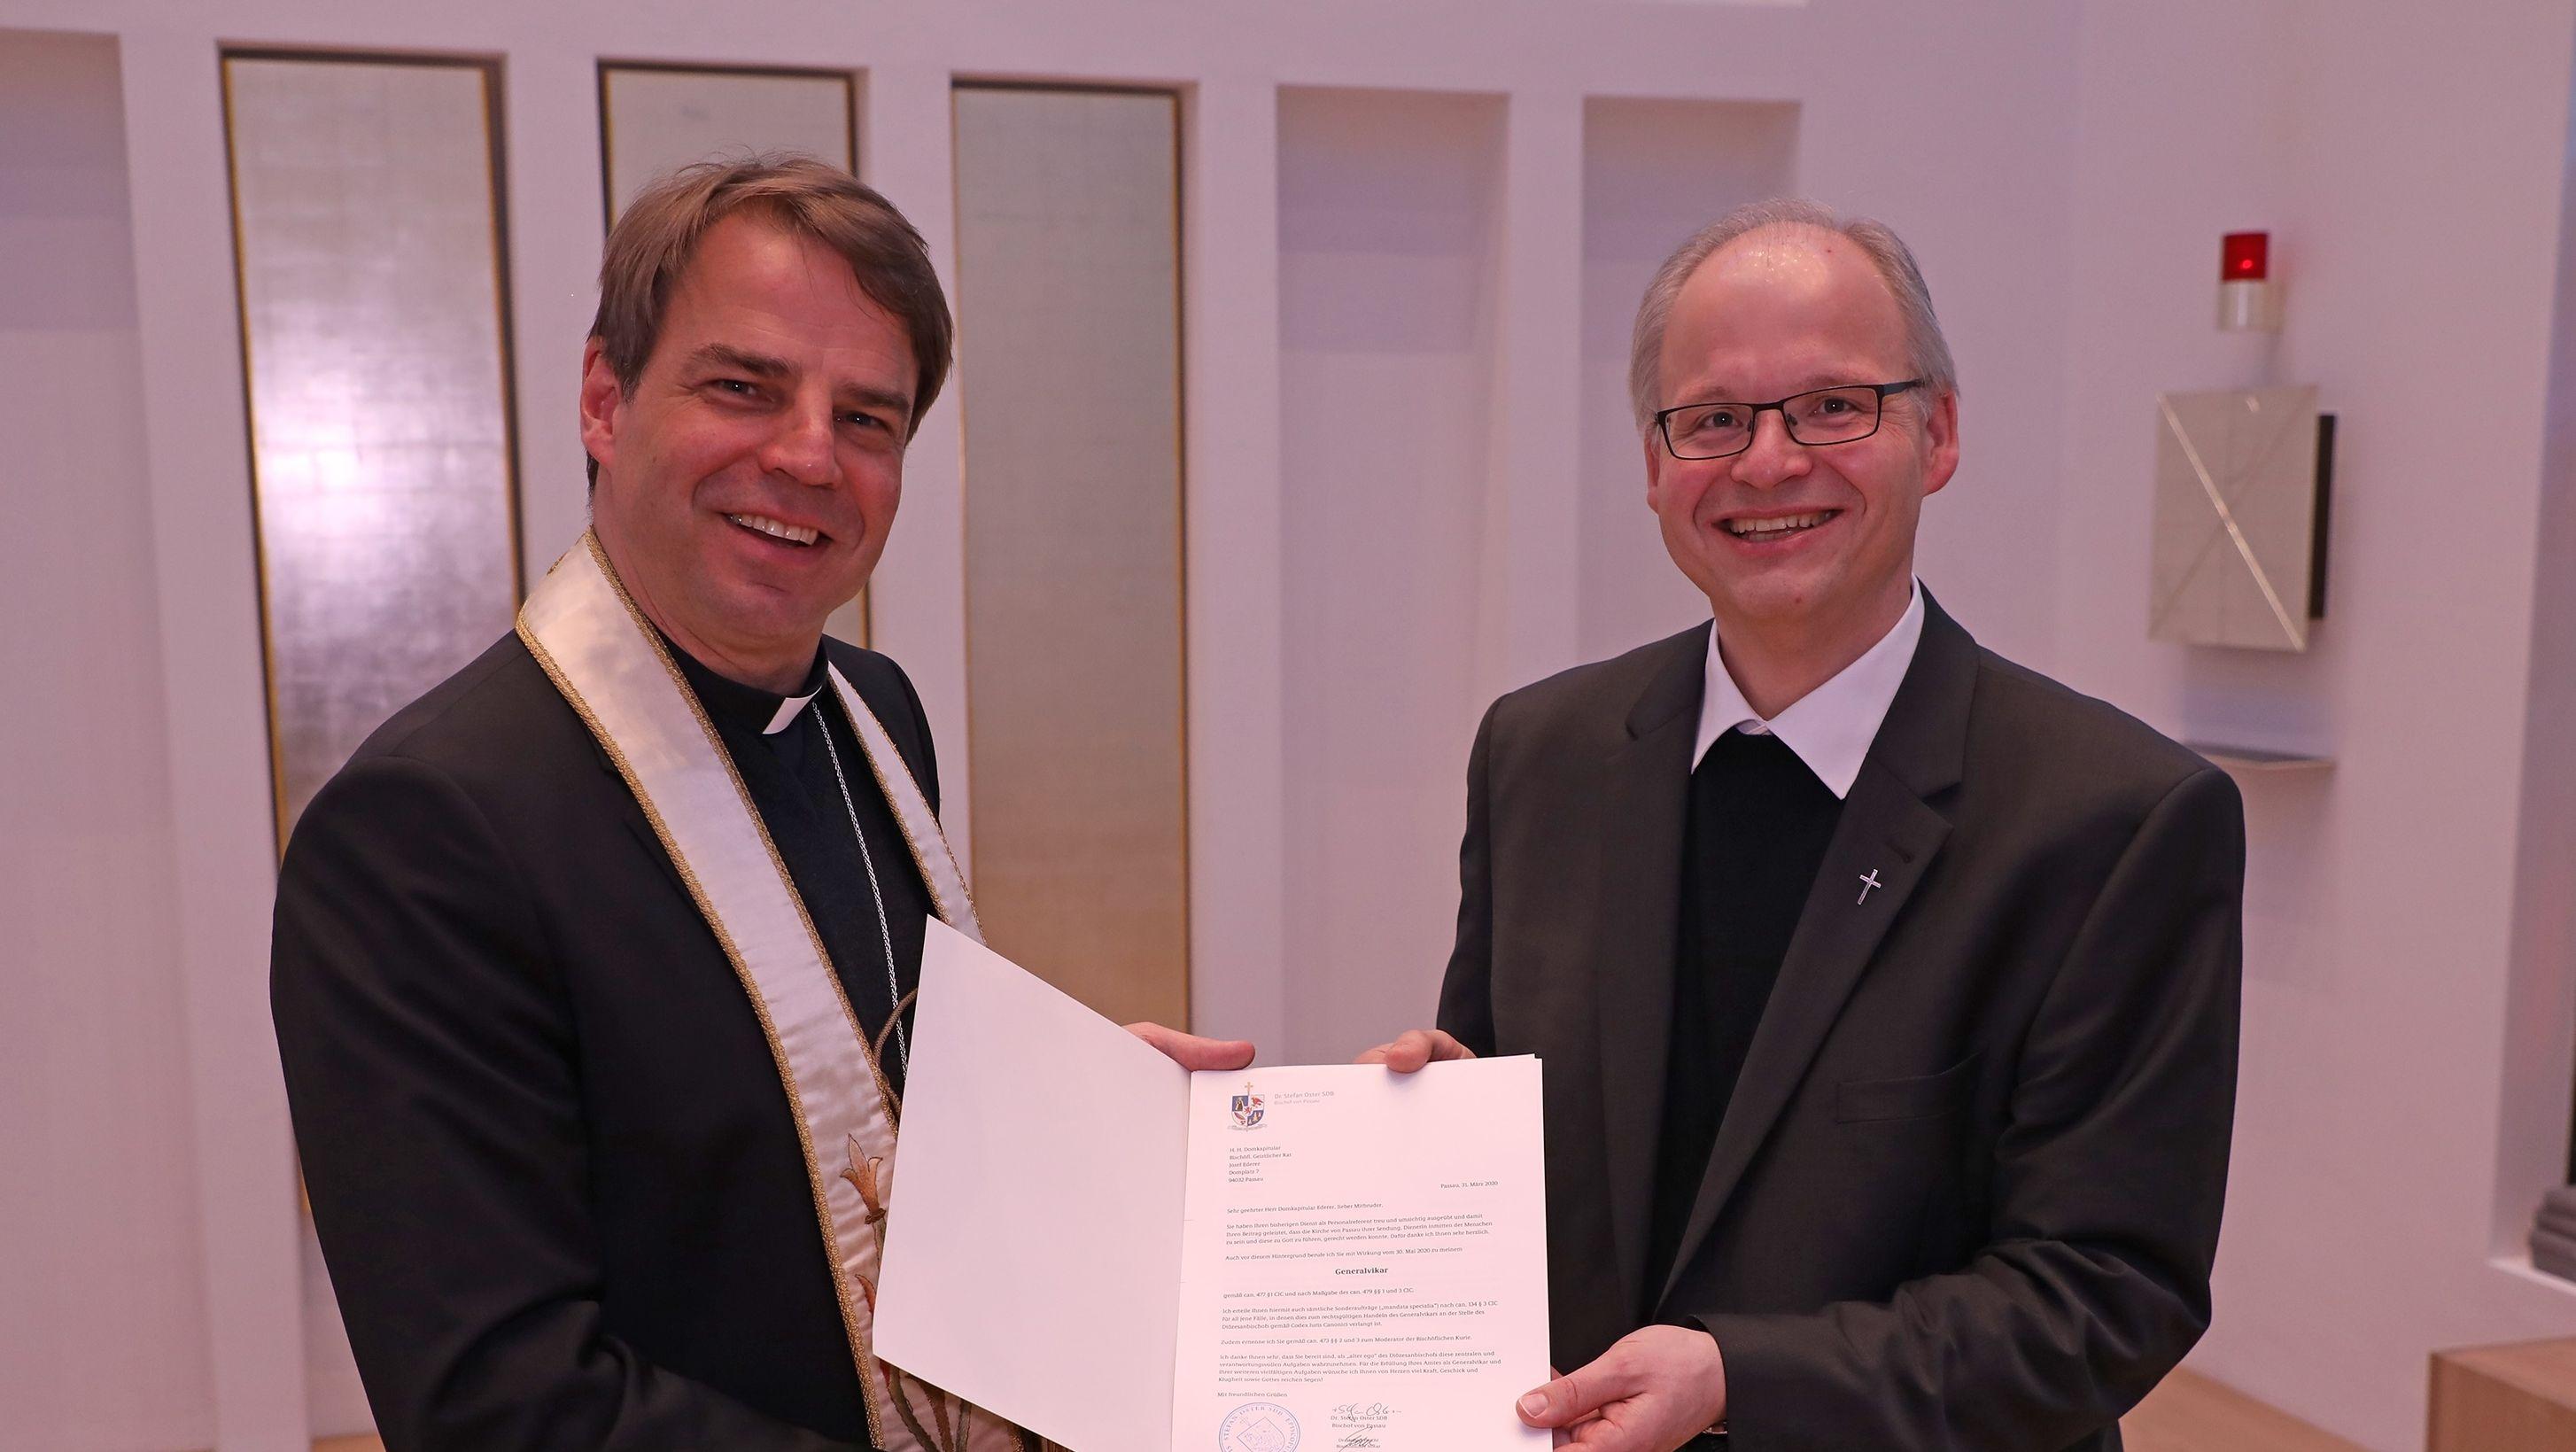 Bischof Stefan Oster überreicht Domkapitular Josef Ederer die Ernennungsurkunde zum Generalvikar